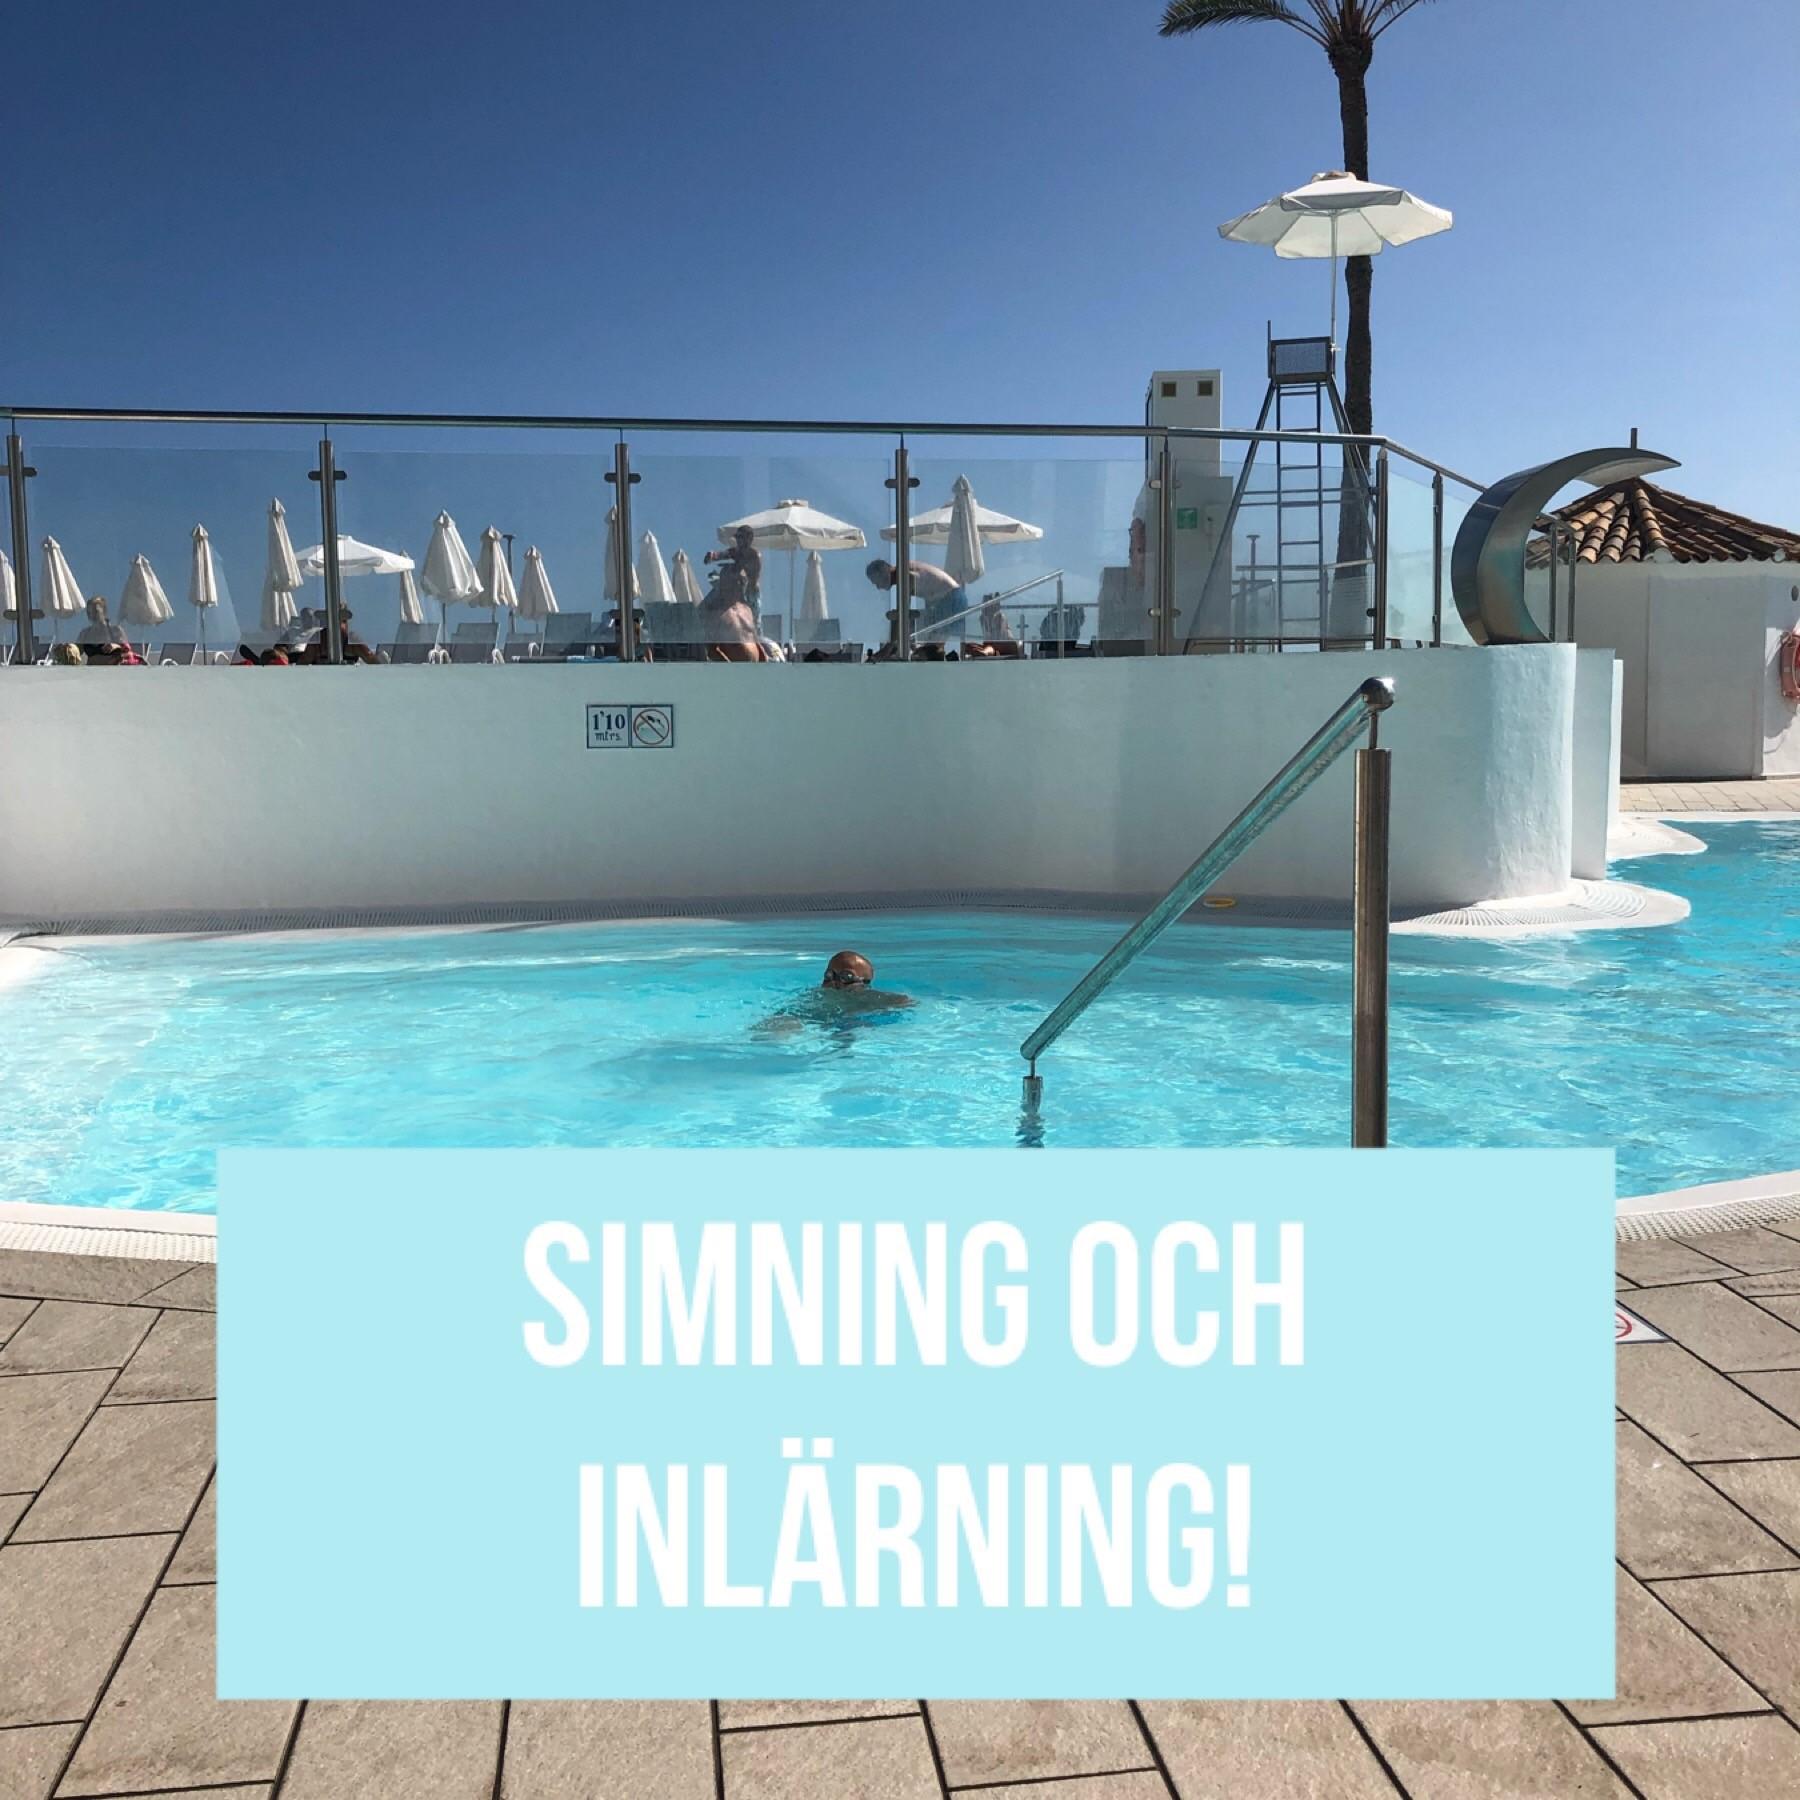 Vatten och simning är bra för kognitionen och utvecklingen